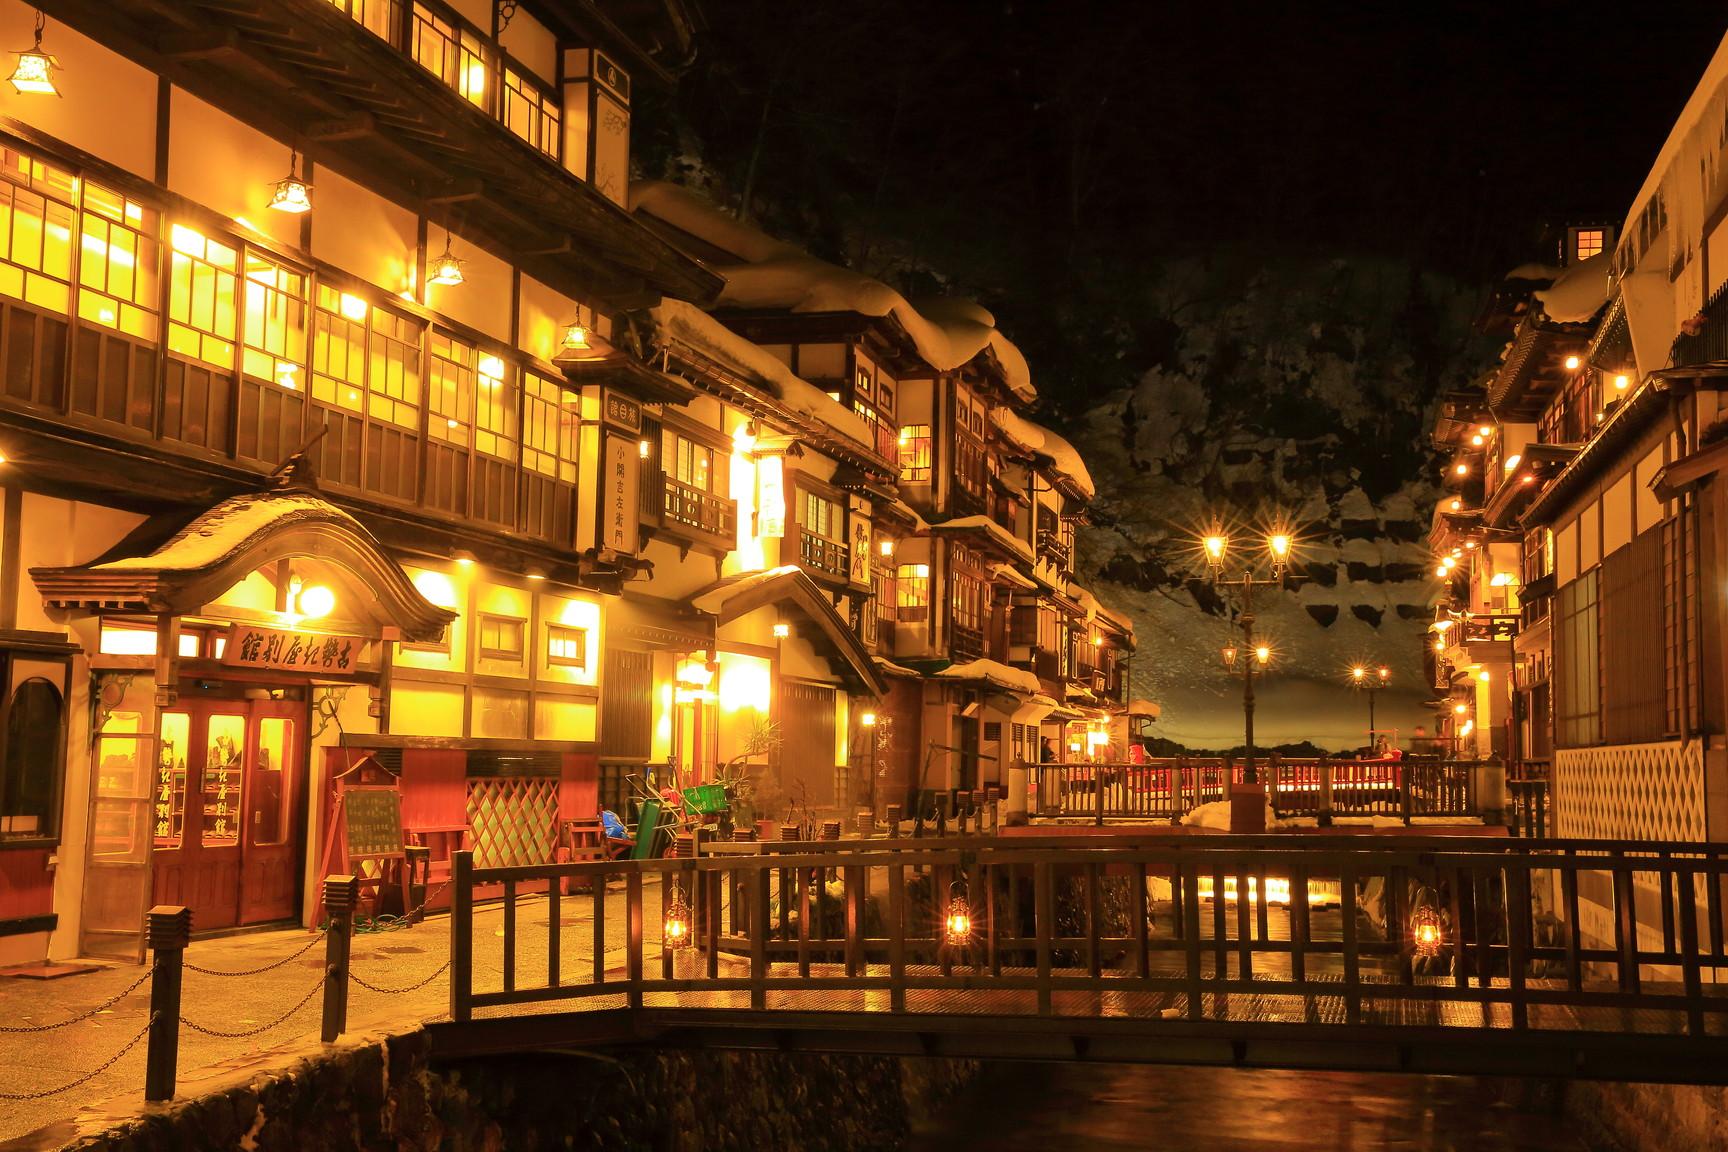 【2020年】宿泊業界(ホテル・旅館)のM&A事例と最新動向【最新版】